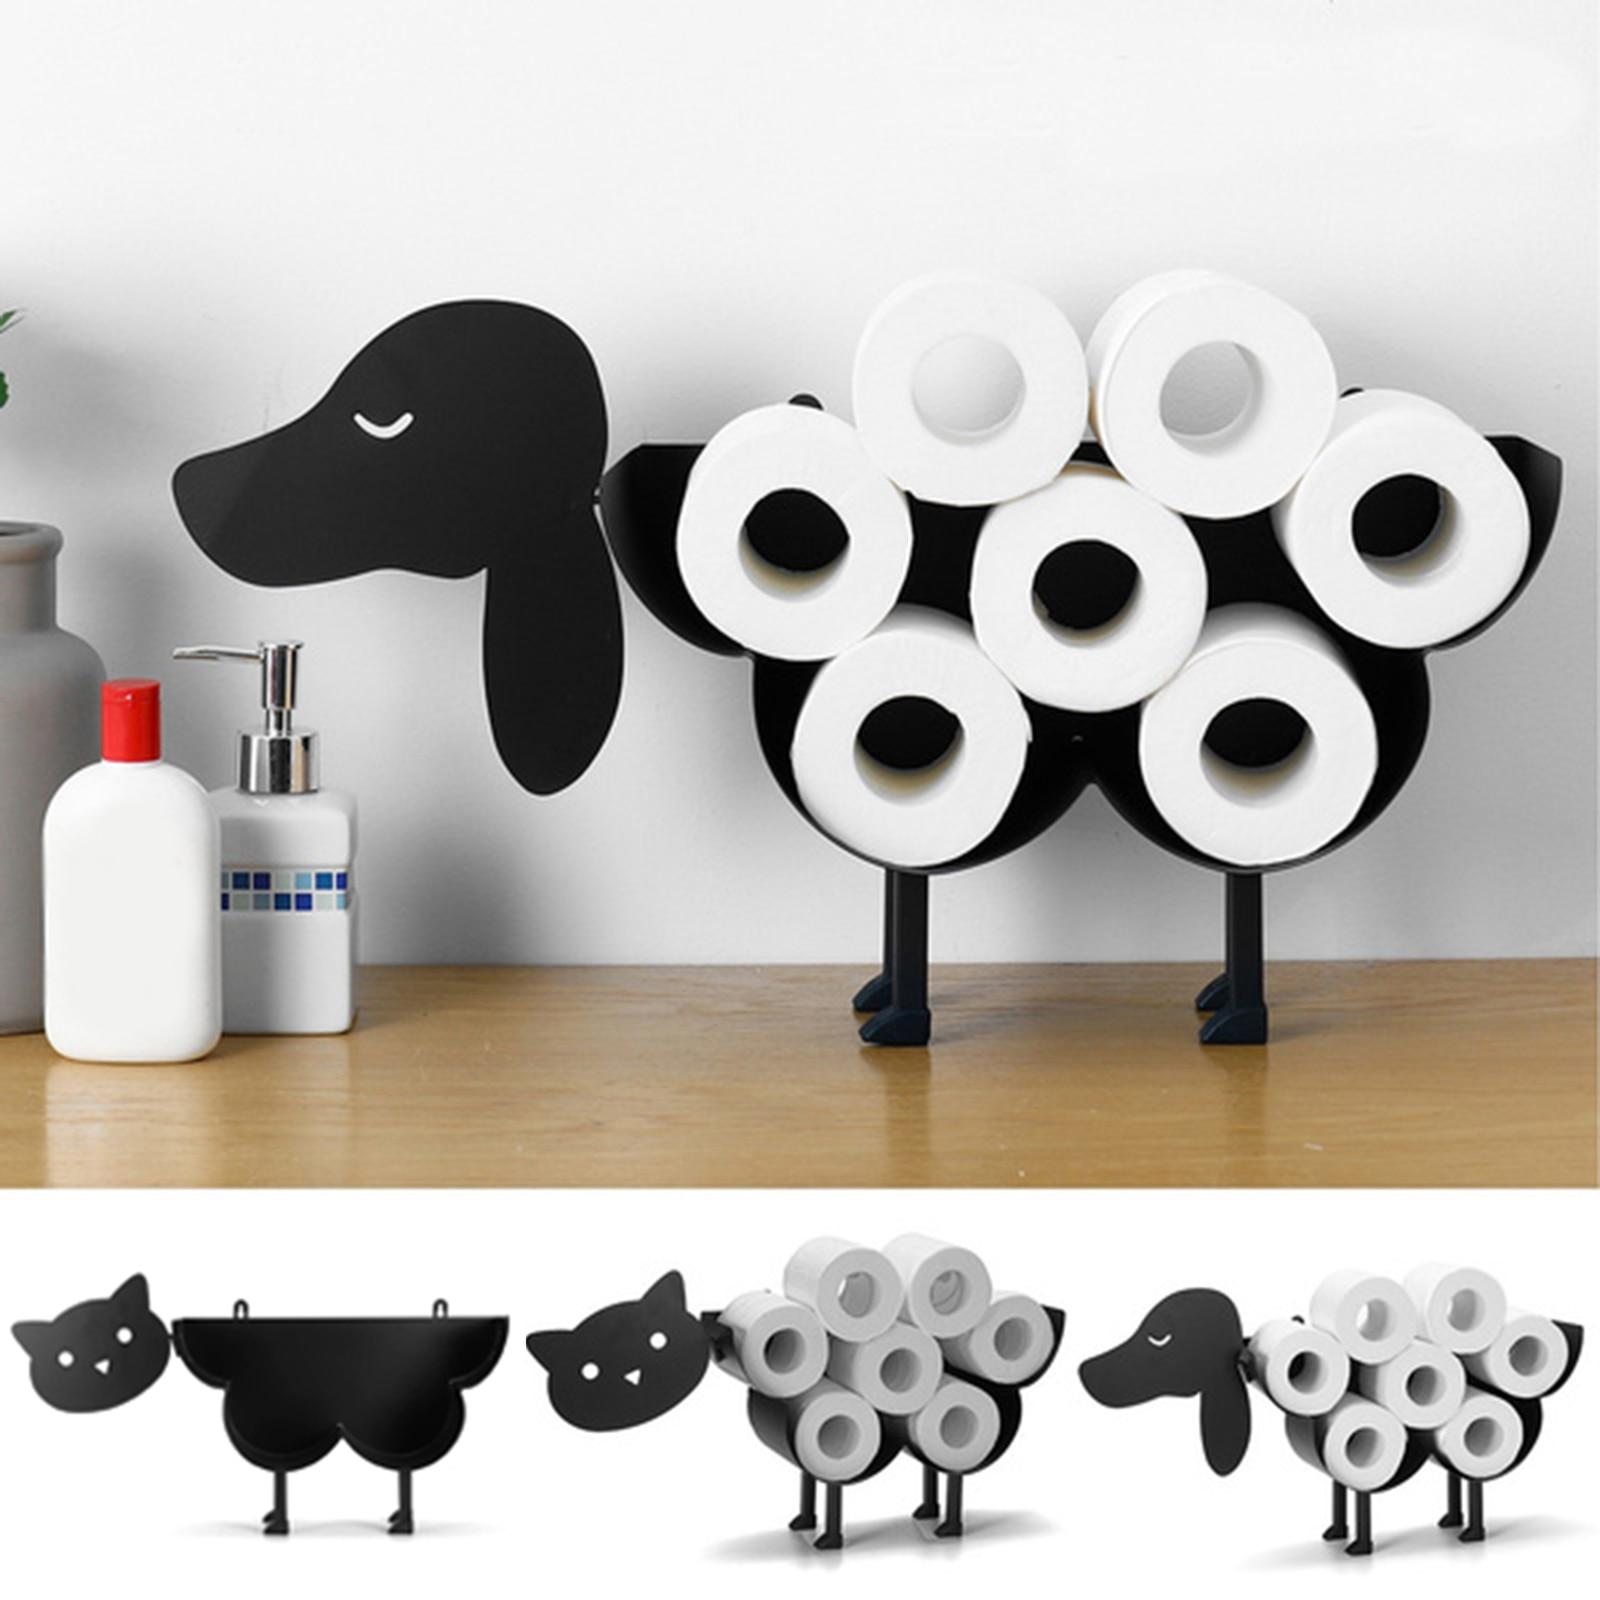 Toilet Paper Roll Holder Bathroom Kitchen Accessories Tissue Storage Stand Rack Cast Iron Roll Stora